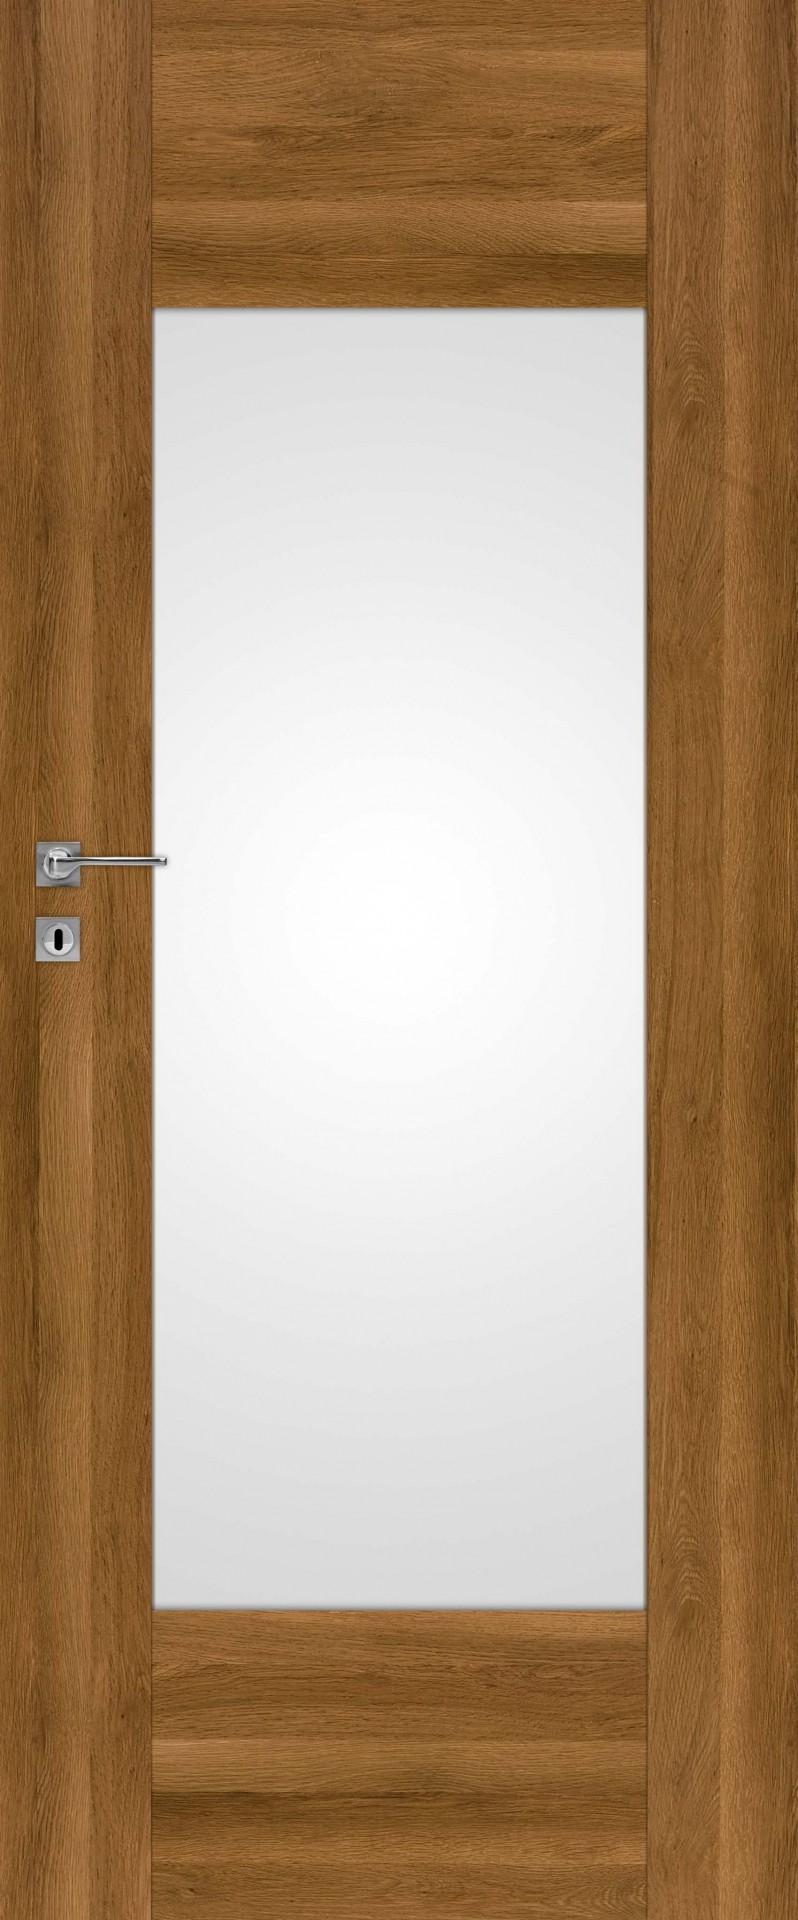 Dre dveře AURI 4, Šíře v cm 60